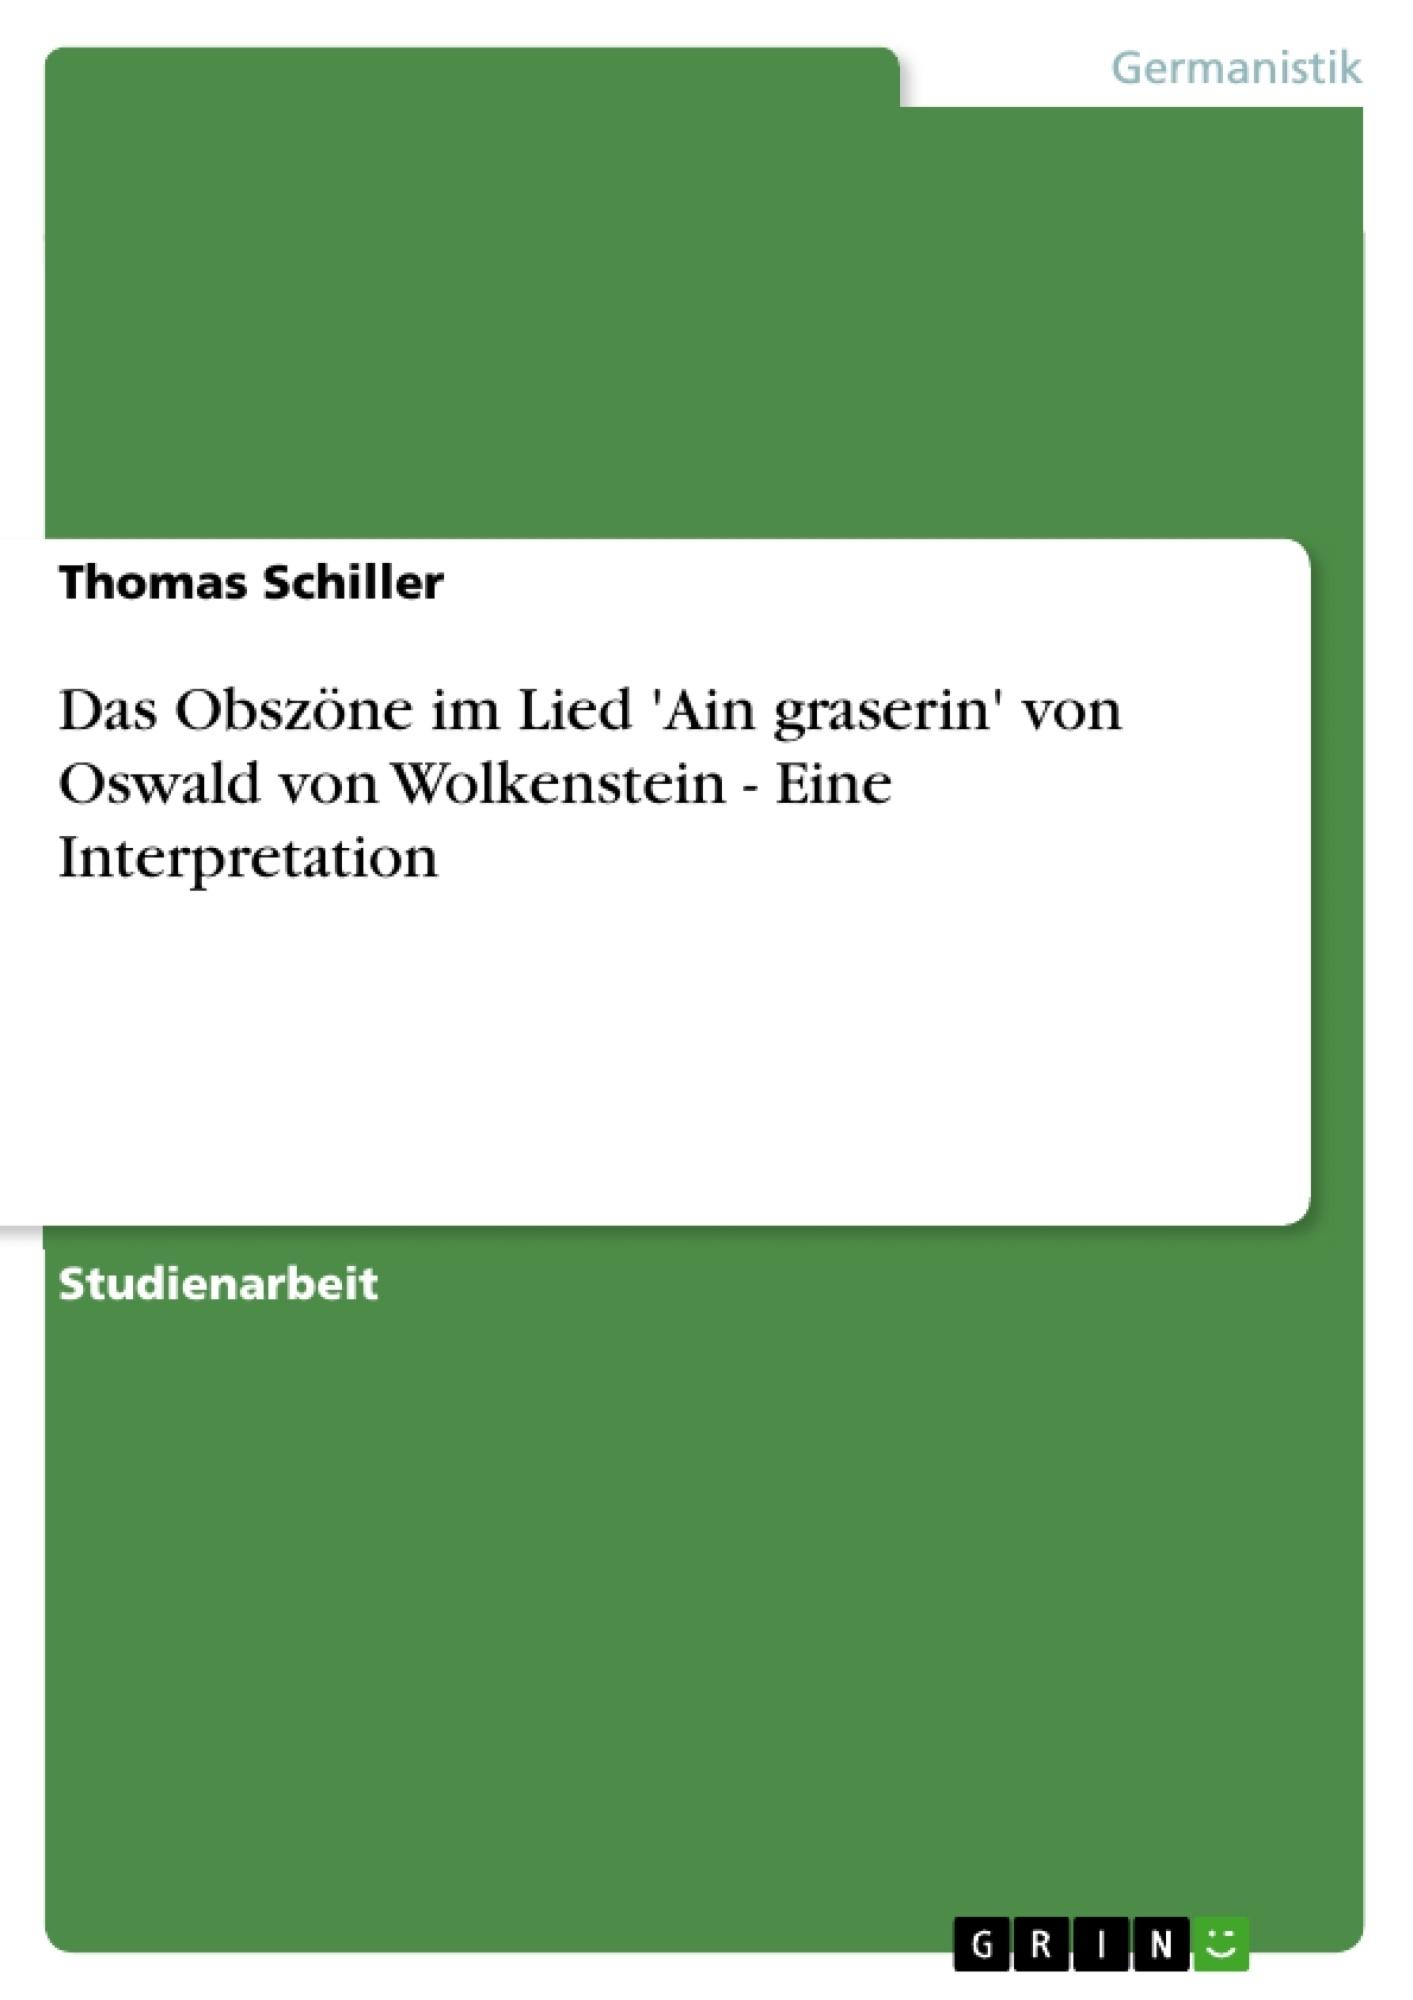 Titel: Das Obszöne im Lied 'Ain graserin' von Oswald von Wolkenstein - Eine Interpretation